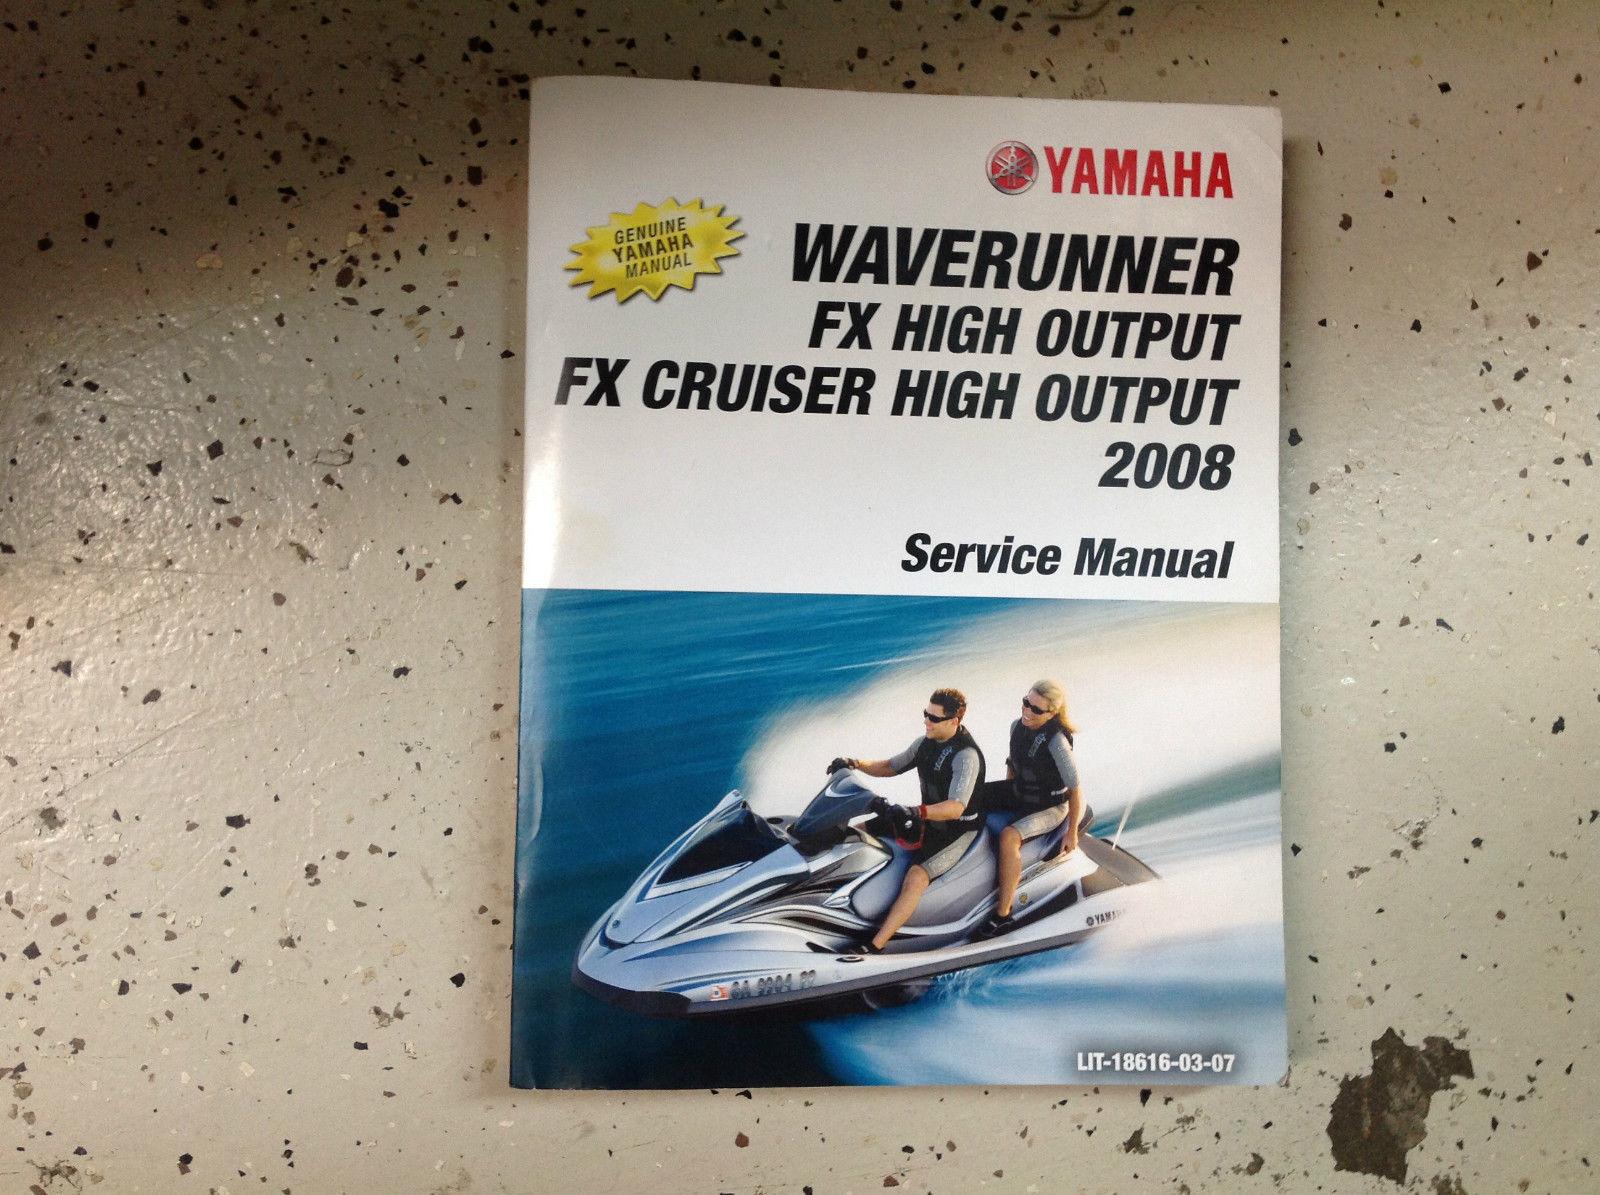 2008 Yamaha WAVERUNNER FX HIGH OUTPUT FX CRUISER Service Shop Repair Manual  NEW